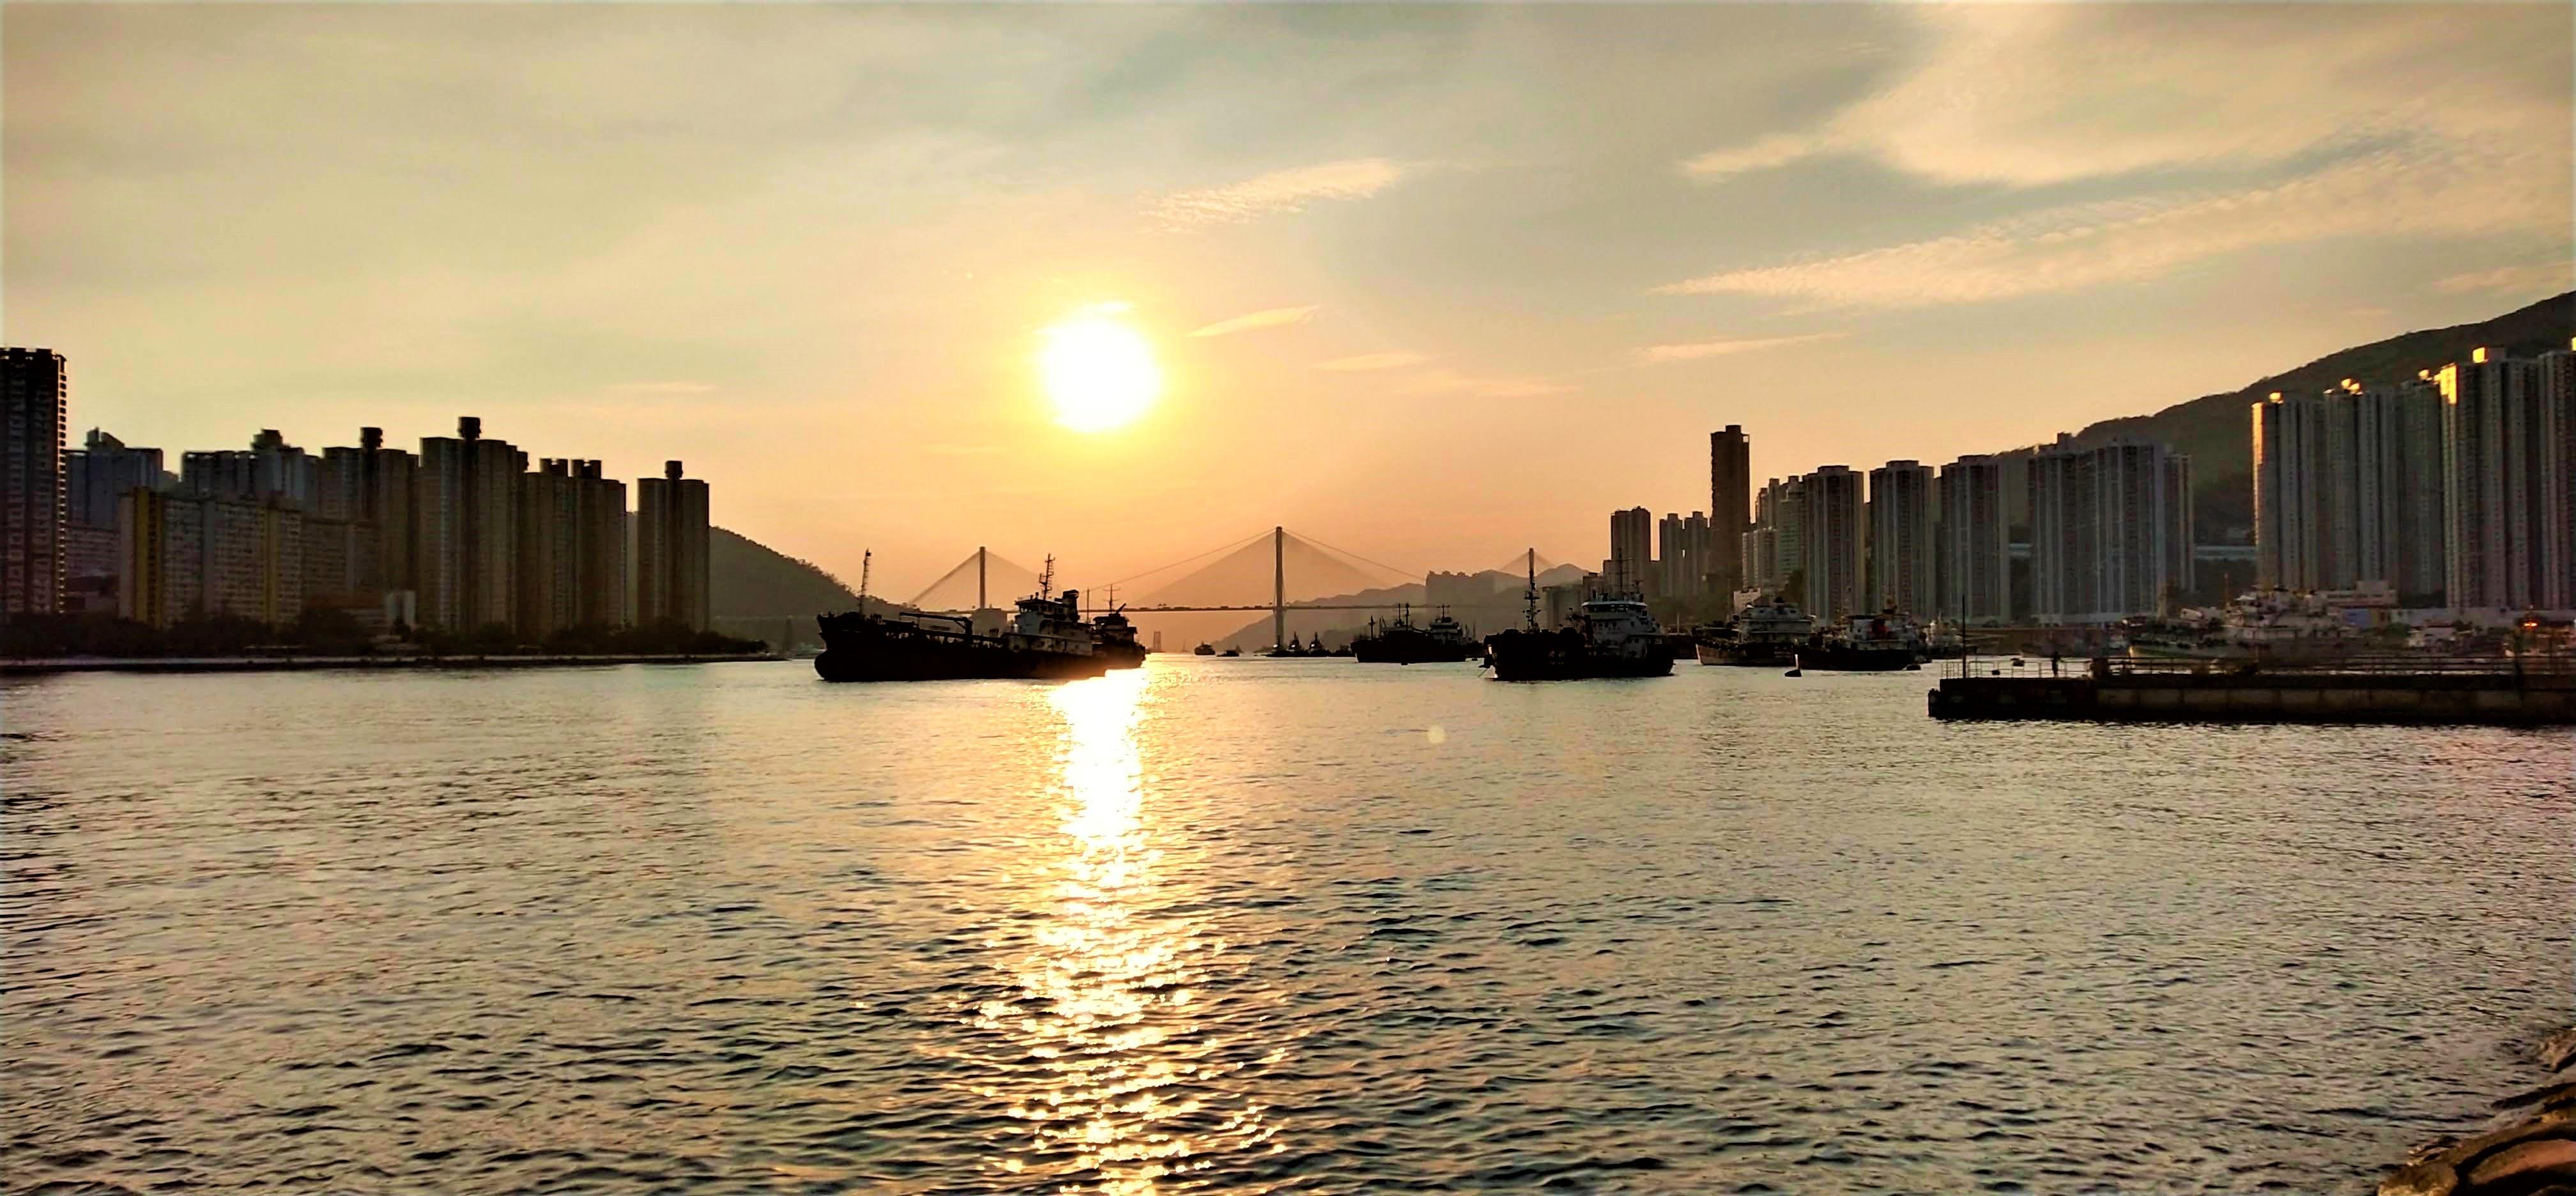 See sunset at promenade next to Tseun Wan West Station